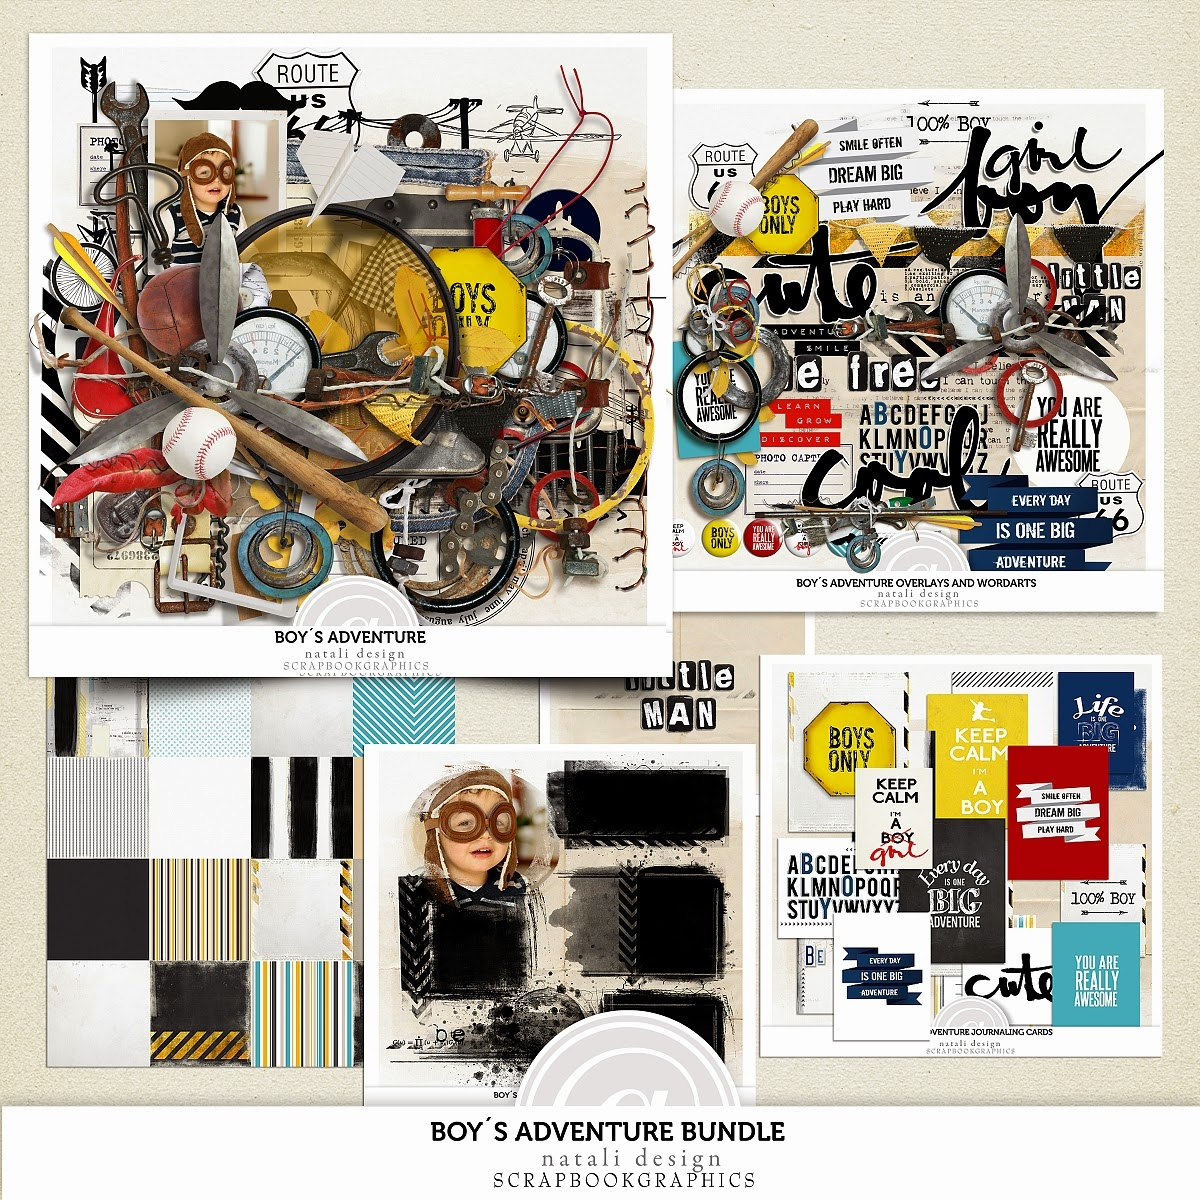 http://shop.scrapbookgraphics.com/Boy-s-adventure-Bundle.html